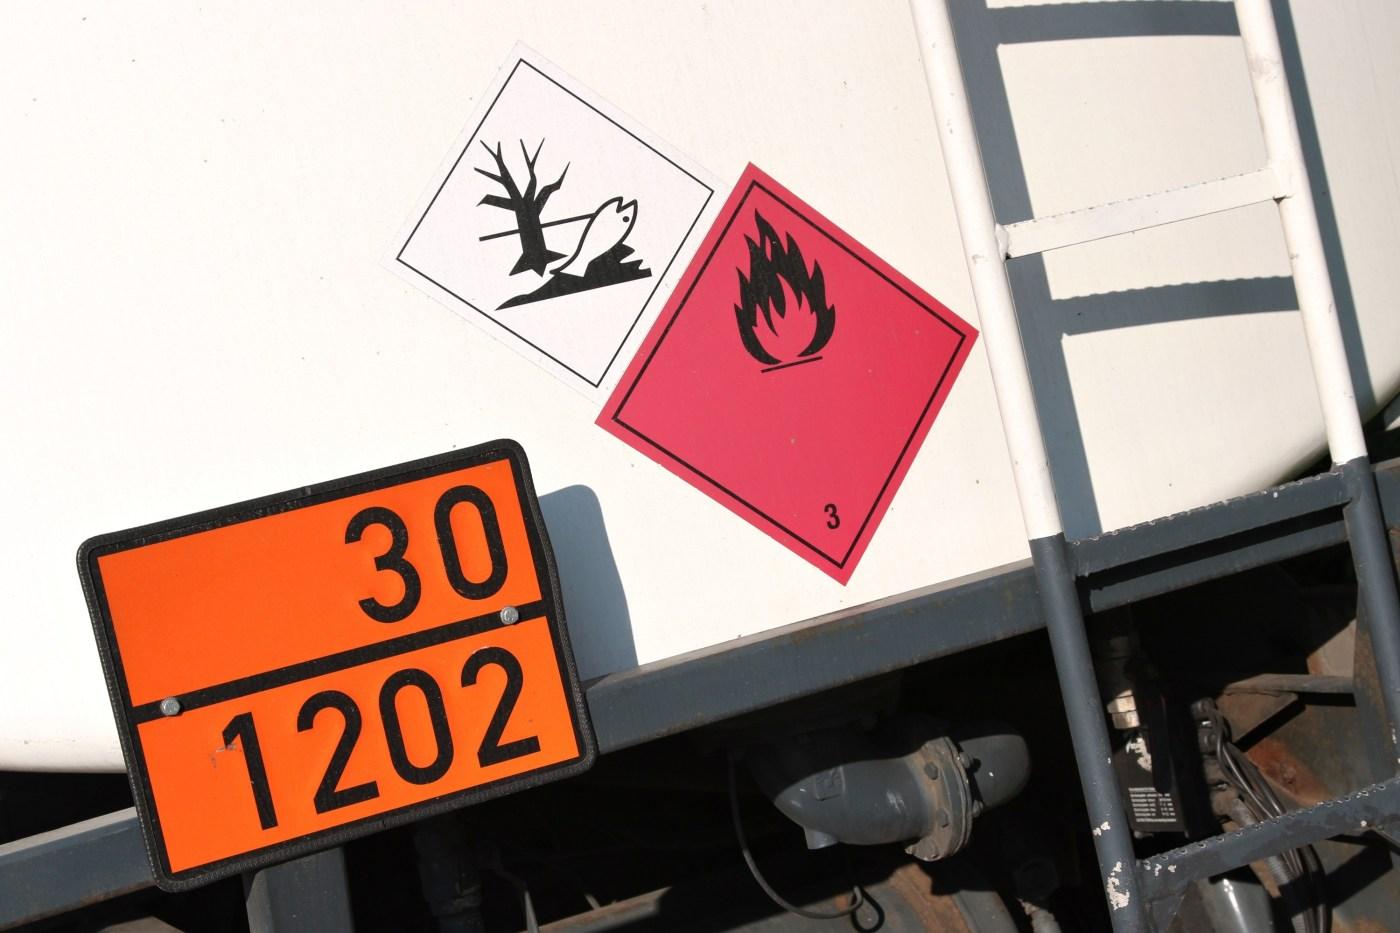 Pannelli merci pericolose